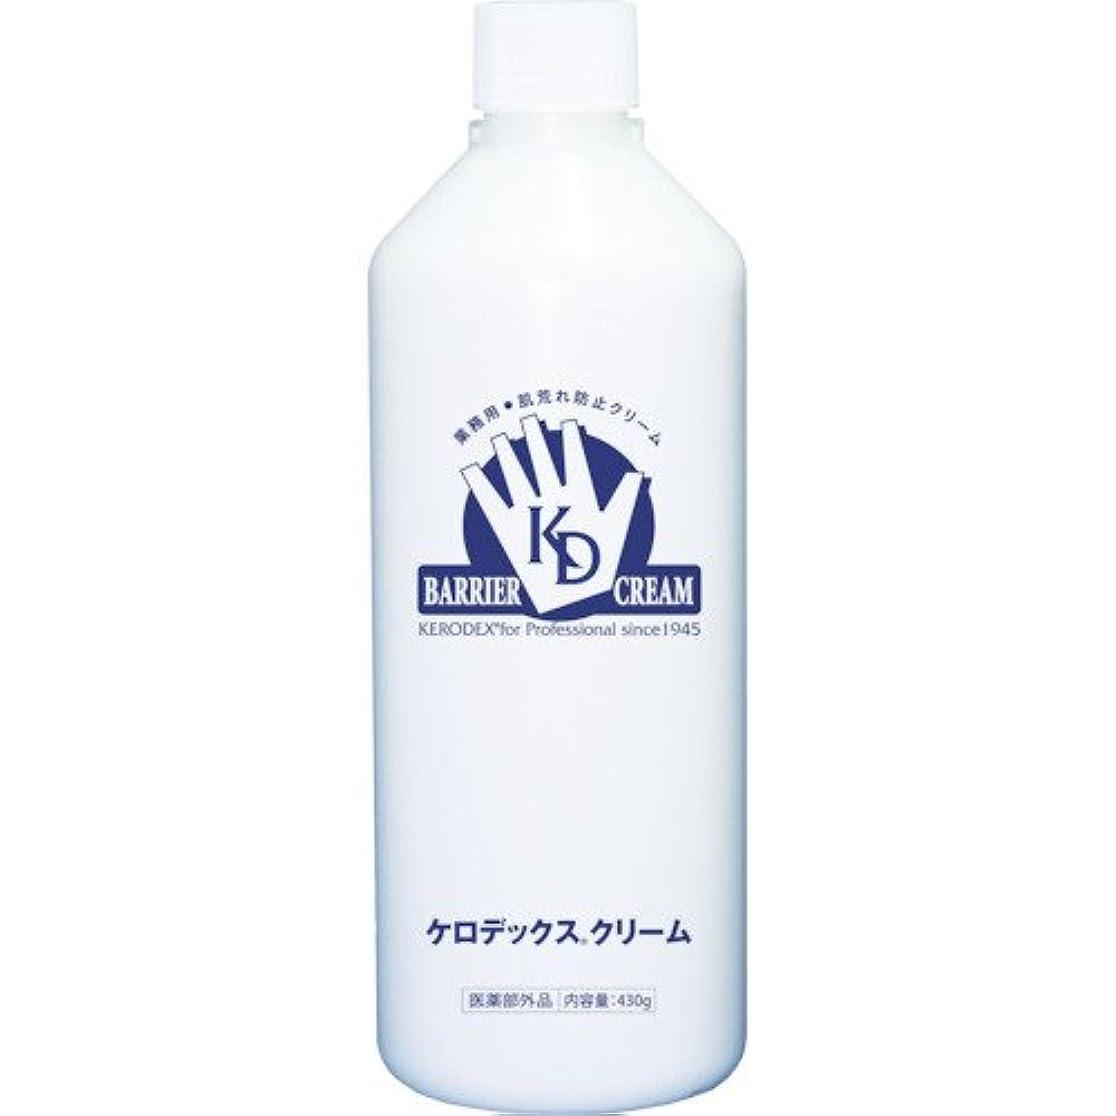 書き込み座標トムオードリースケロデックスクリーム ボトルタイプ 詰替用 430g